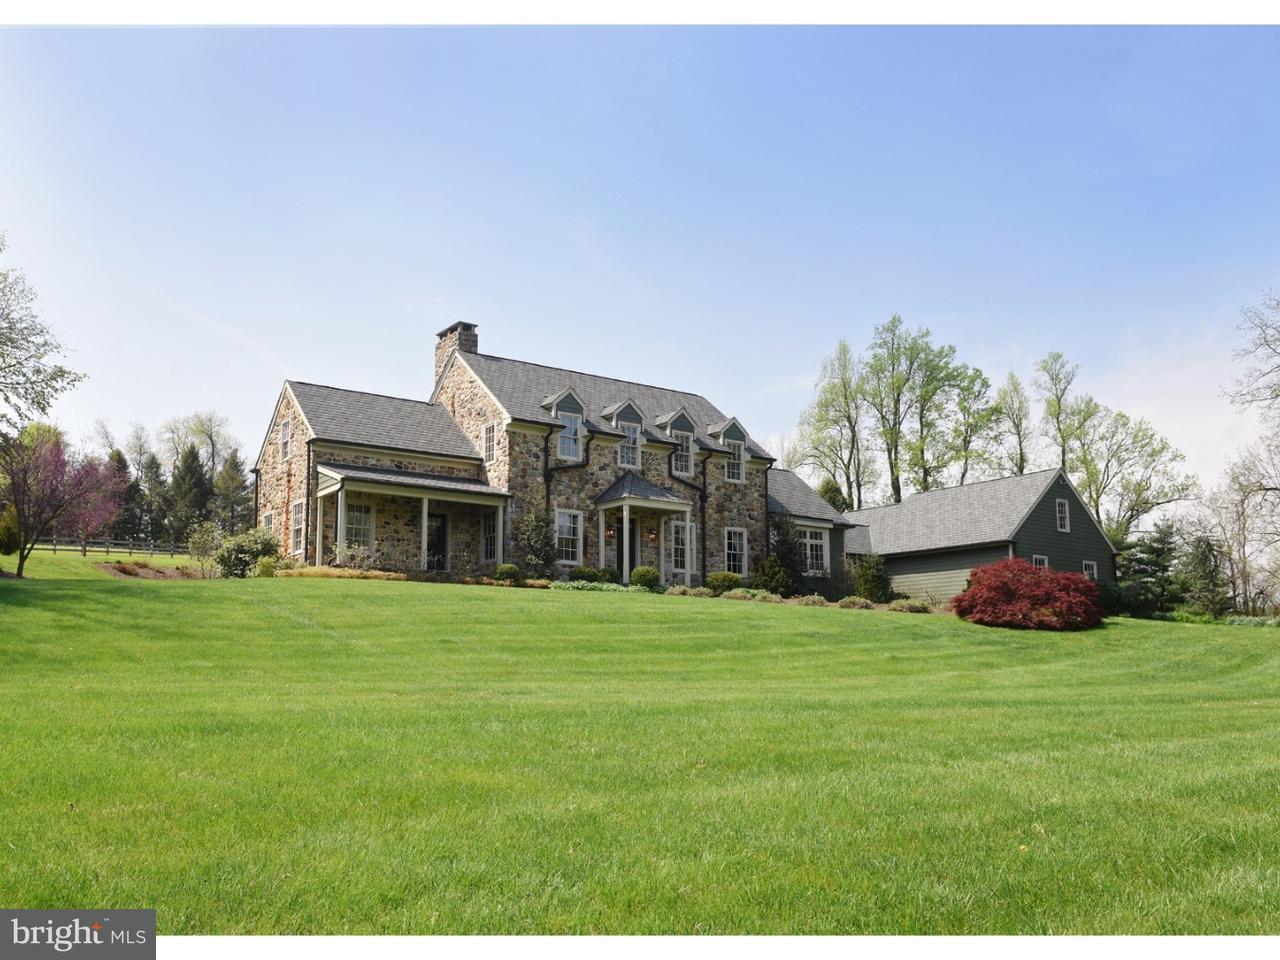 独户住宅 为 销售 在 3130 HORSESHOE Trail Glenmoore, 宾夕法尼亚州 19343 美国